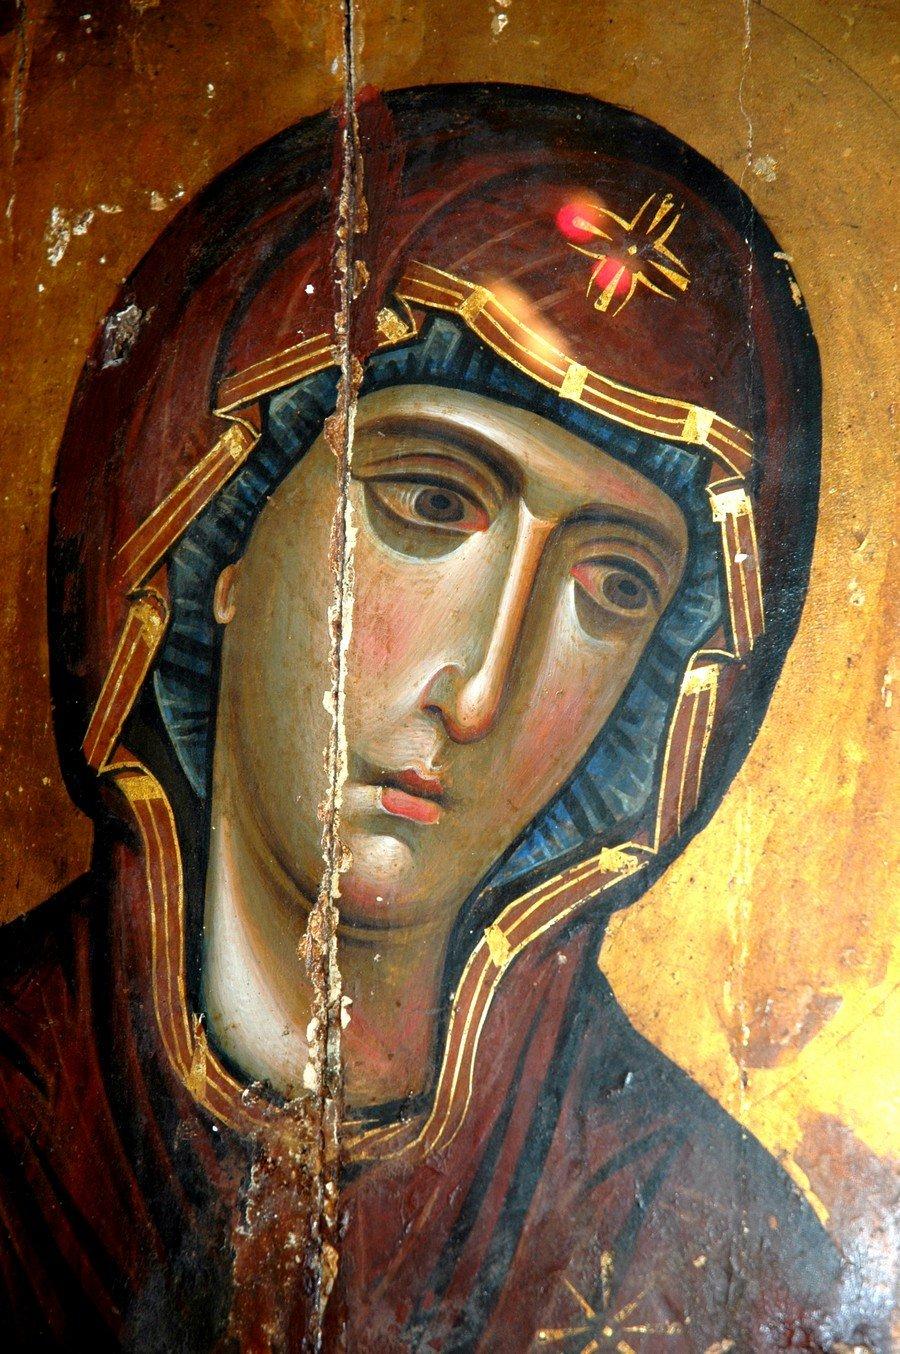 Пресвятая Богородица. Византийская икона начала XIII века. Монастырь Святой Екатерины на Синае. Фрагмент.